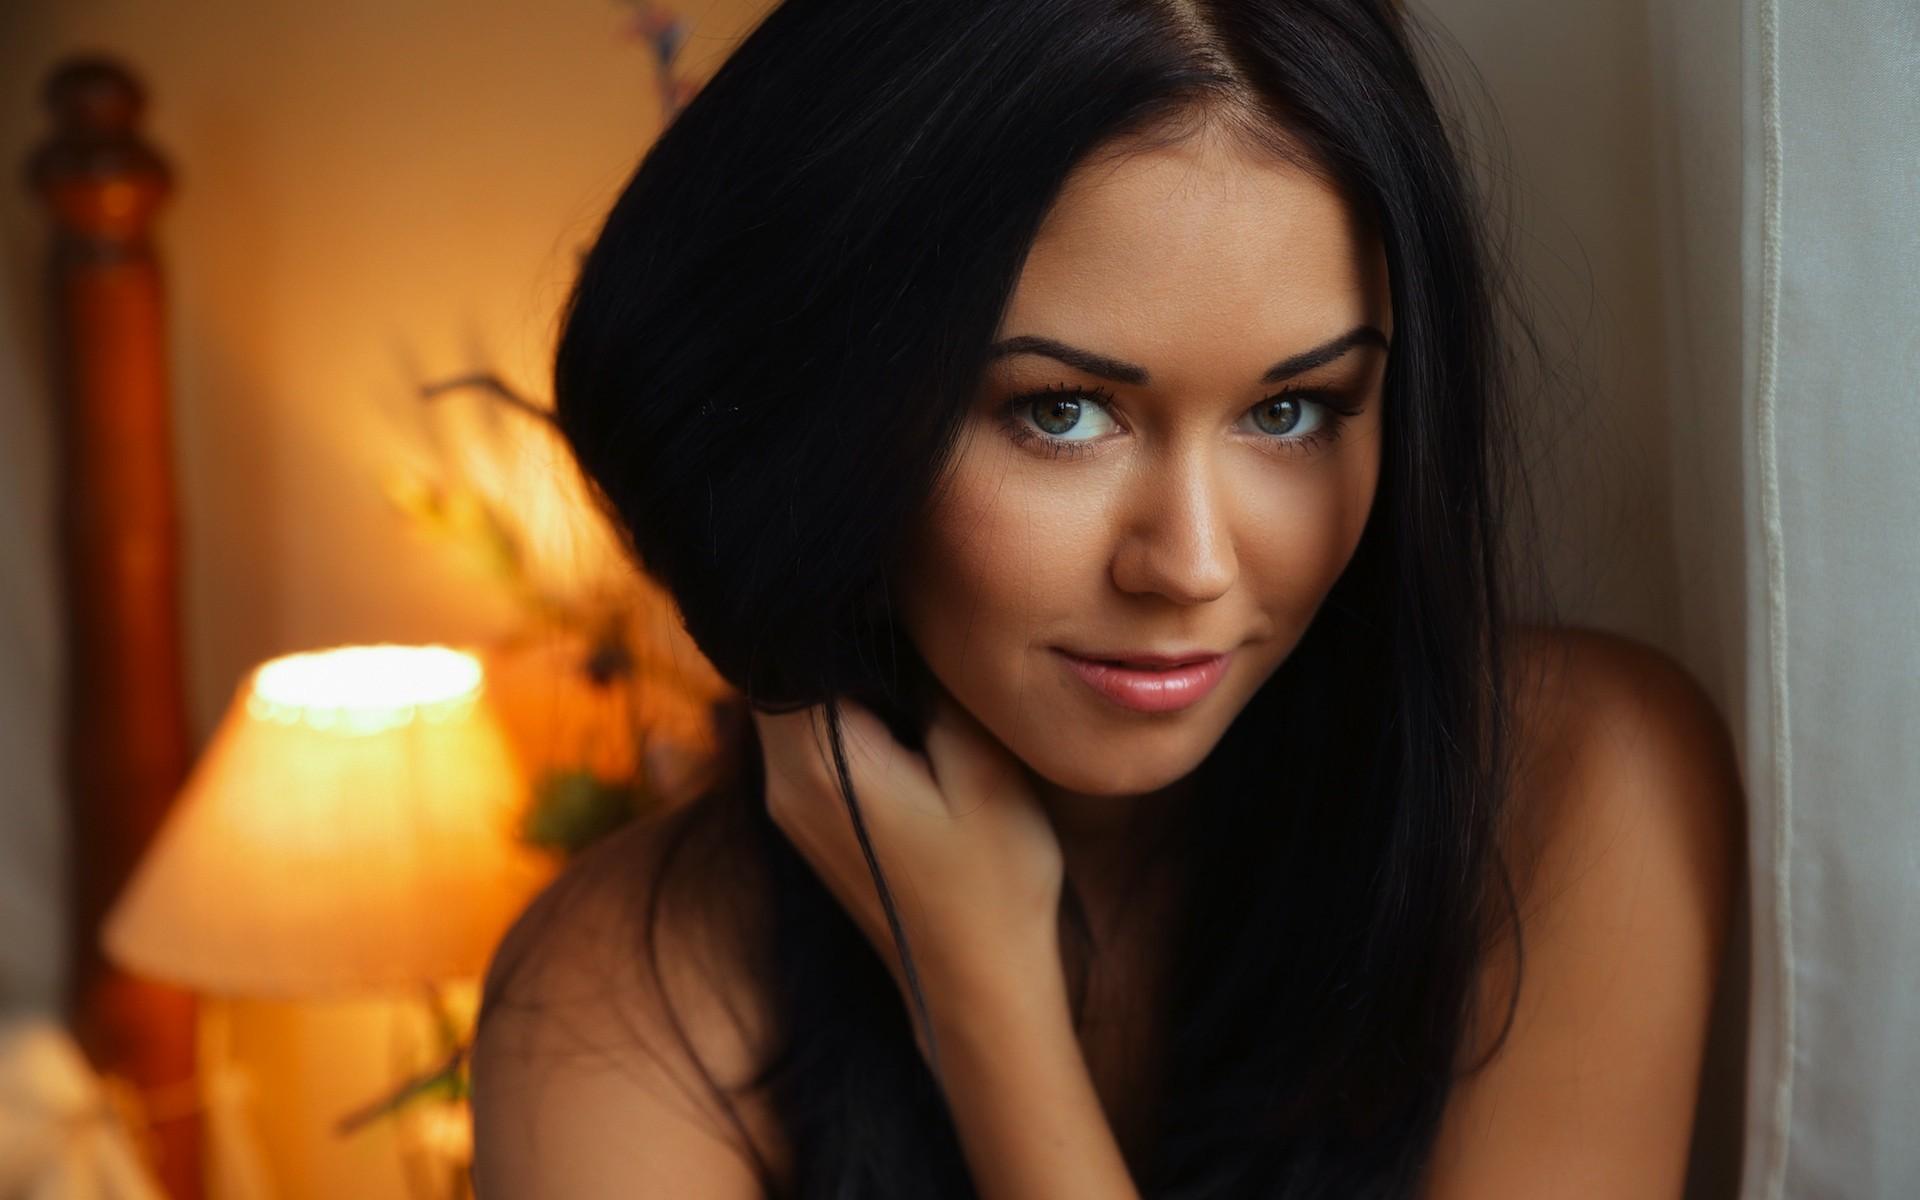 Фото брюнеток с голубыми глазами в домашних условиях